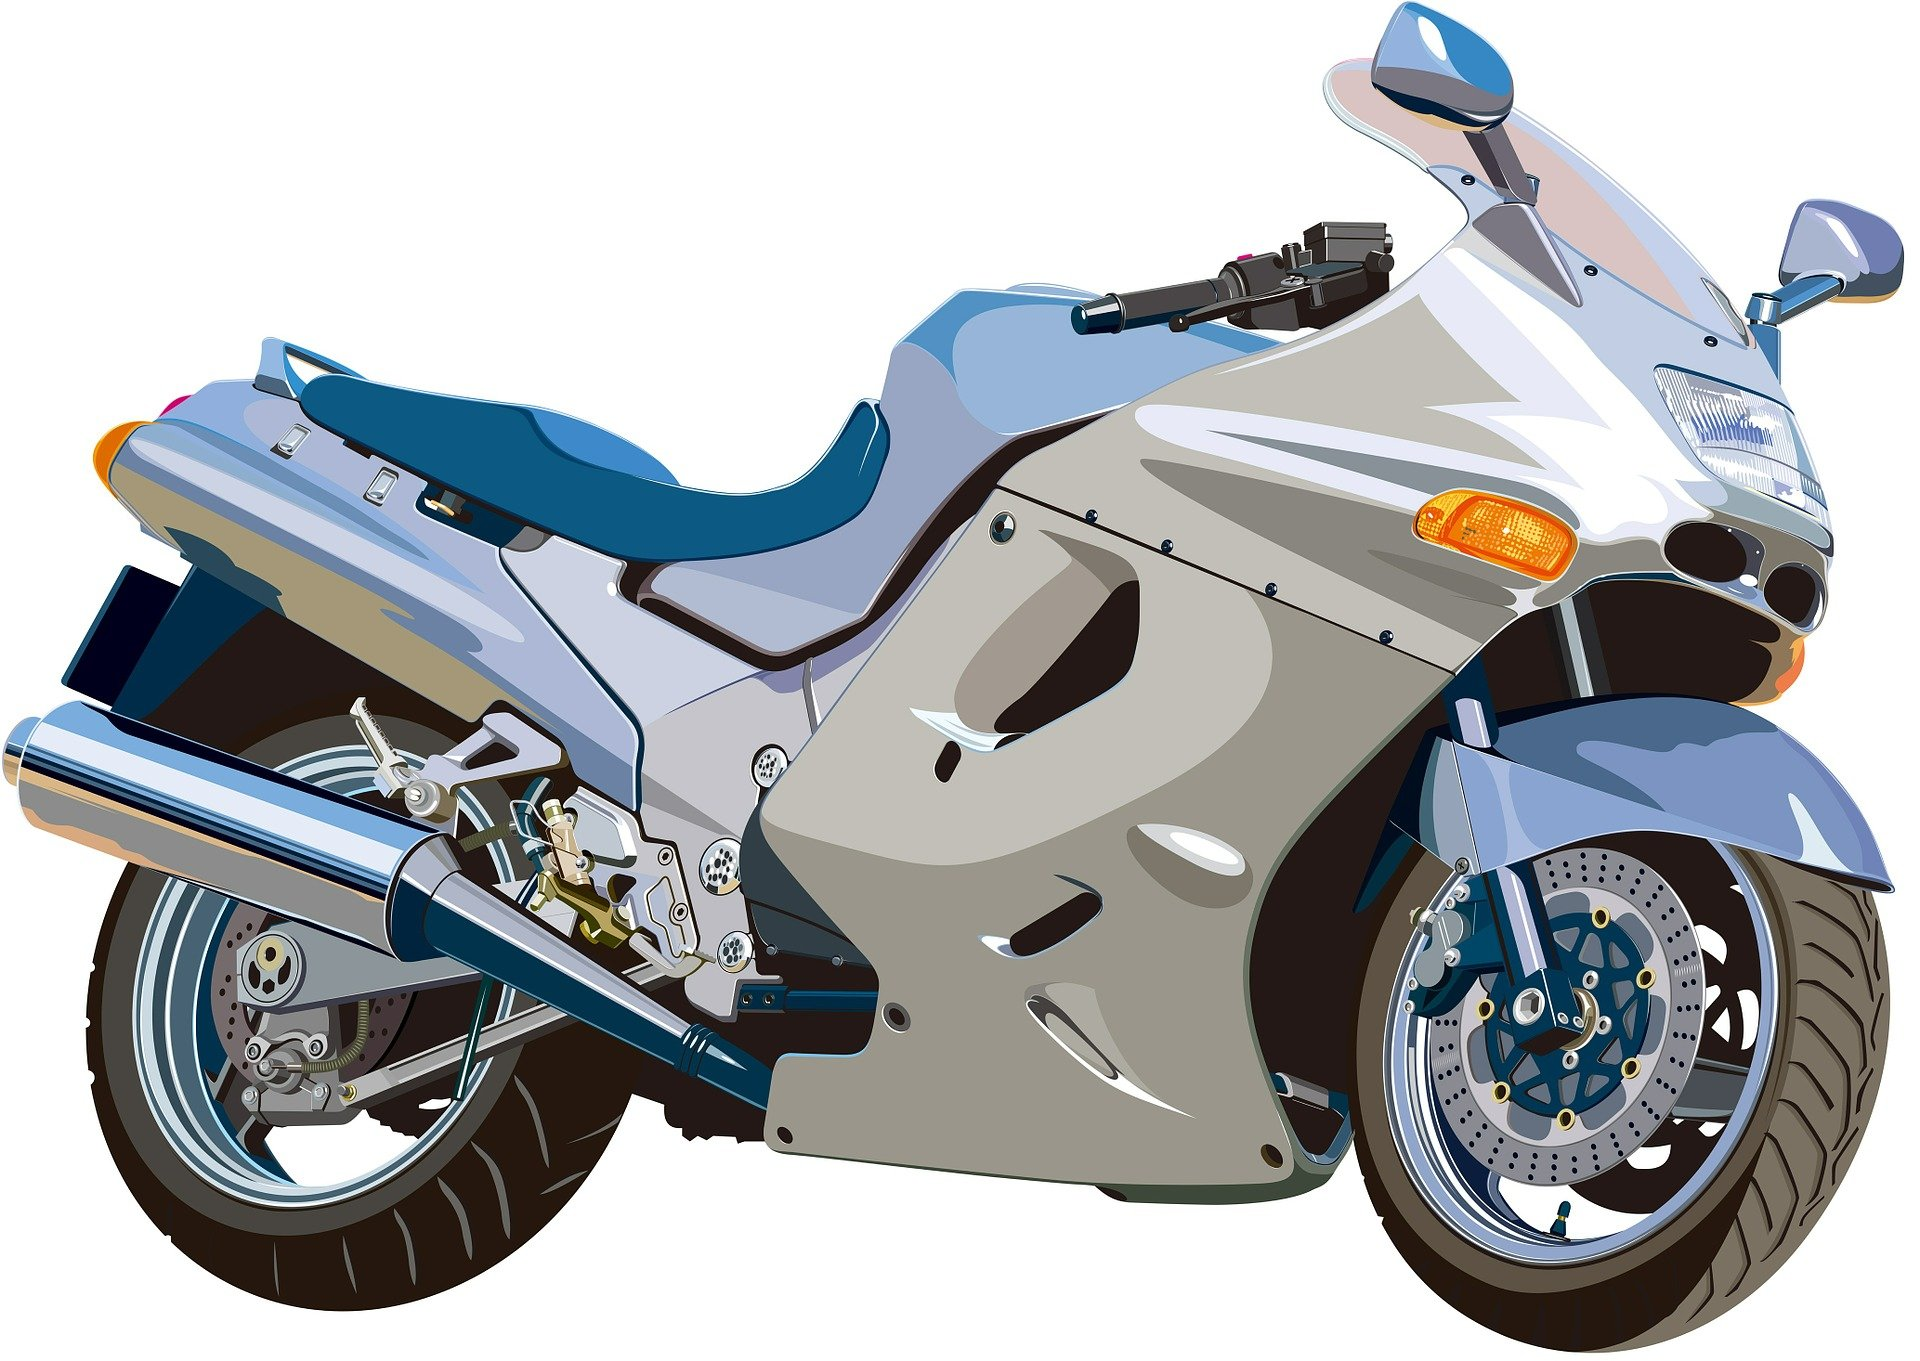 Les règlements autour du déplacement en moto en plein confinement